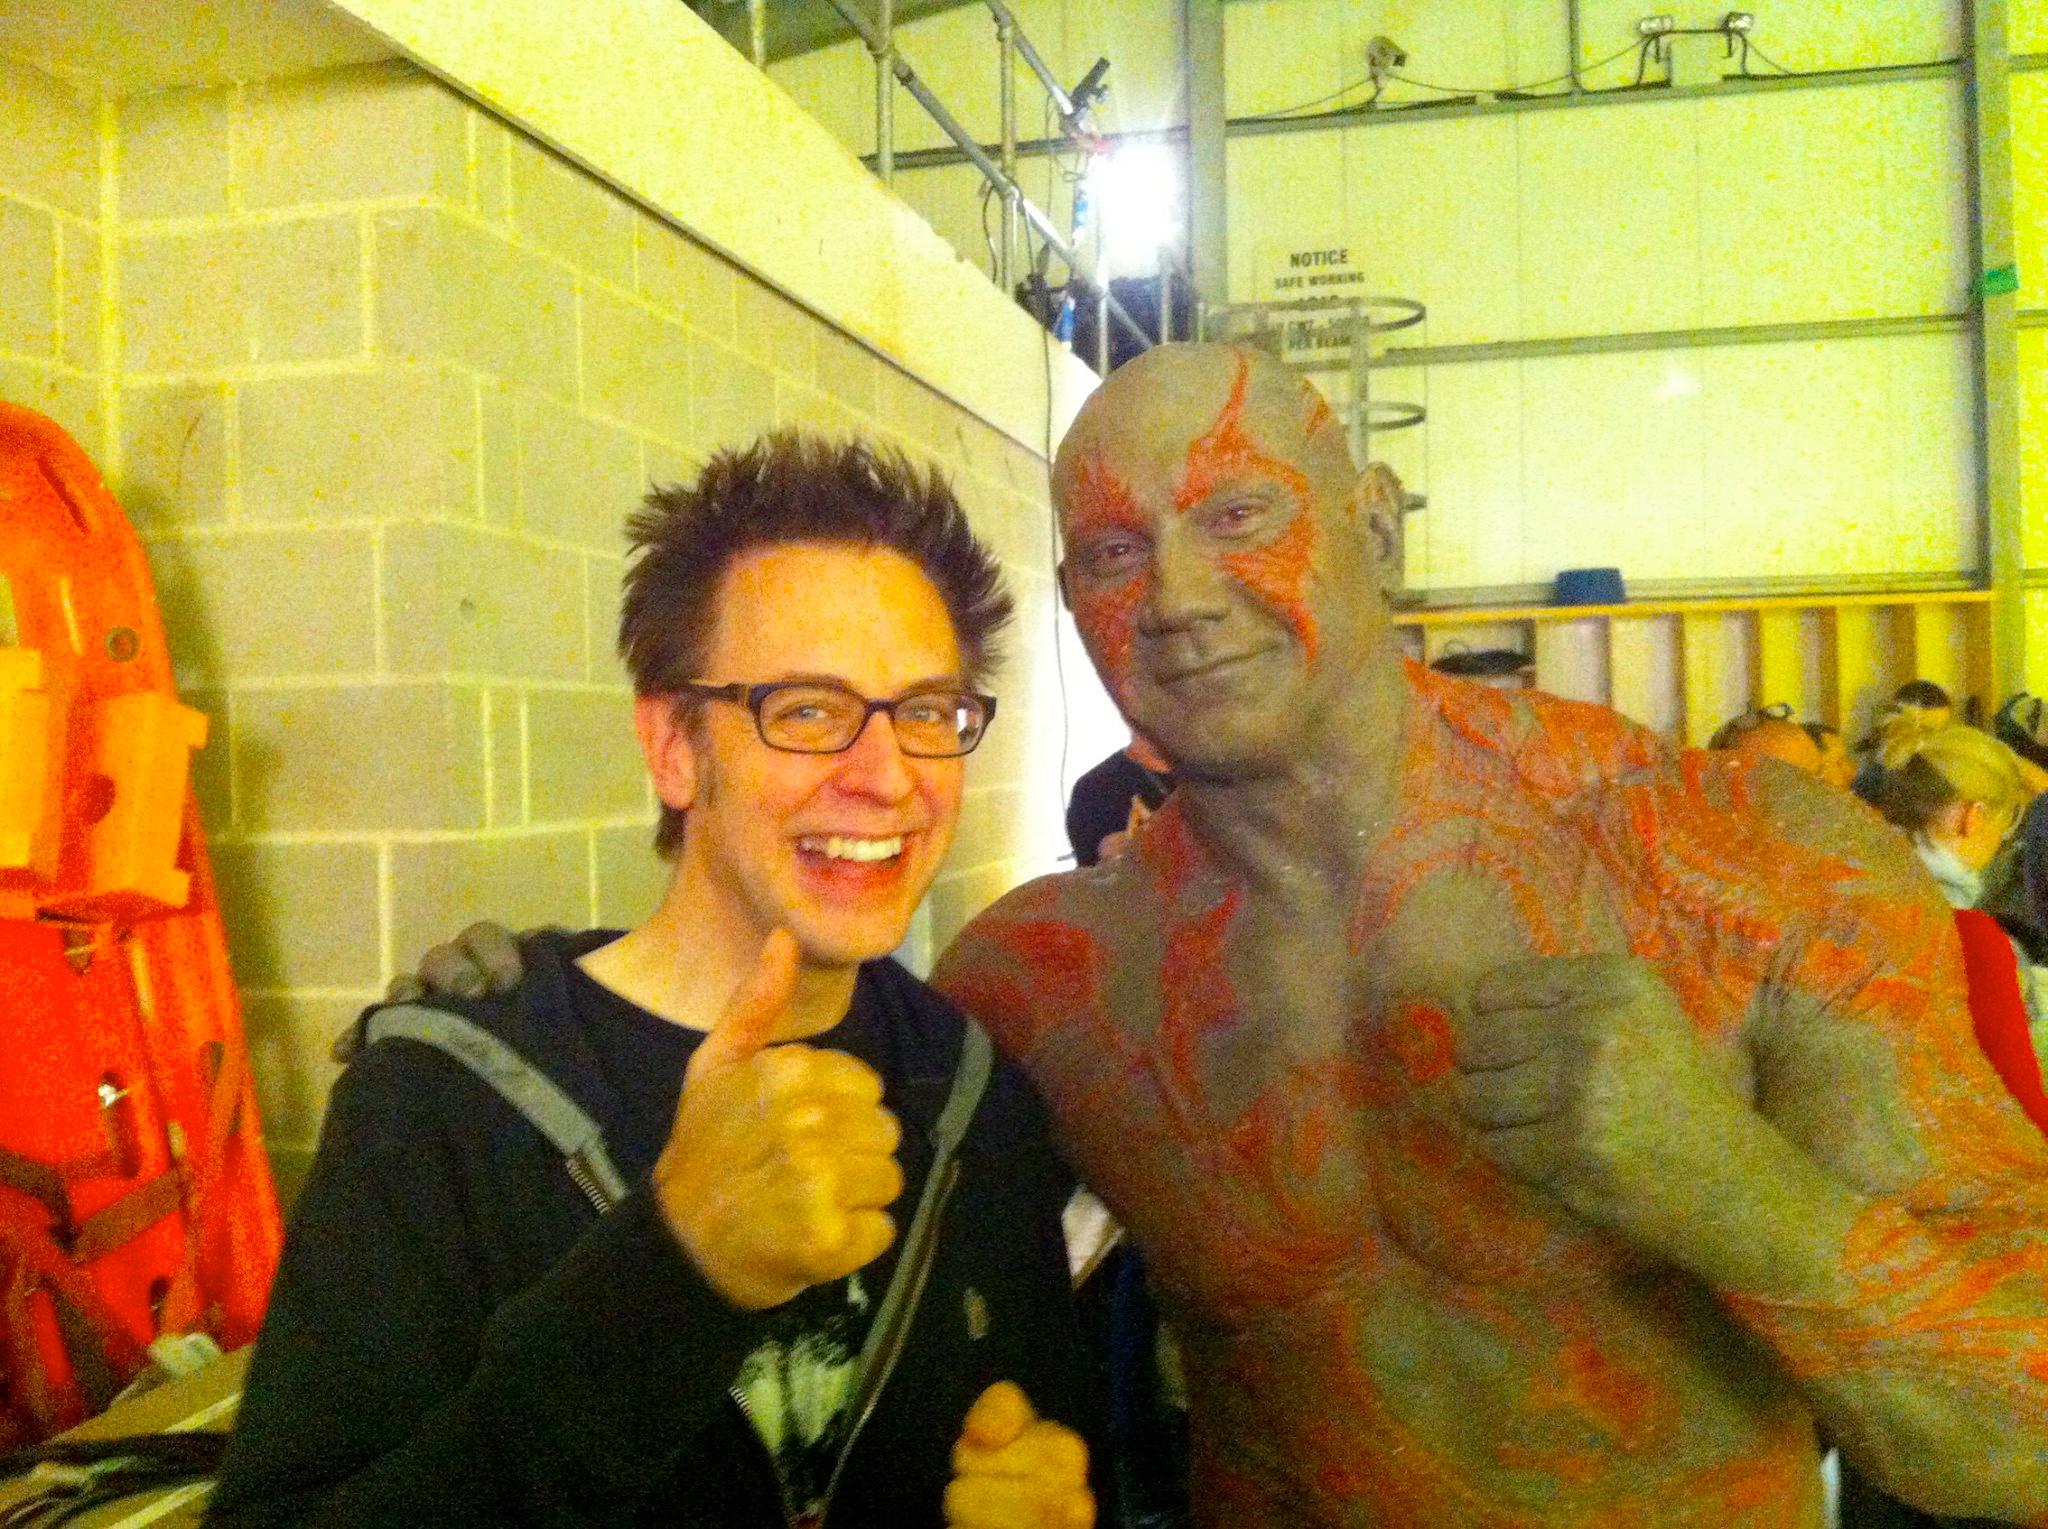 Джеймс Ганн на съёмках фильма «Стражи галактики»